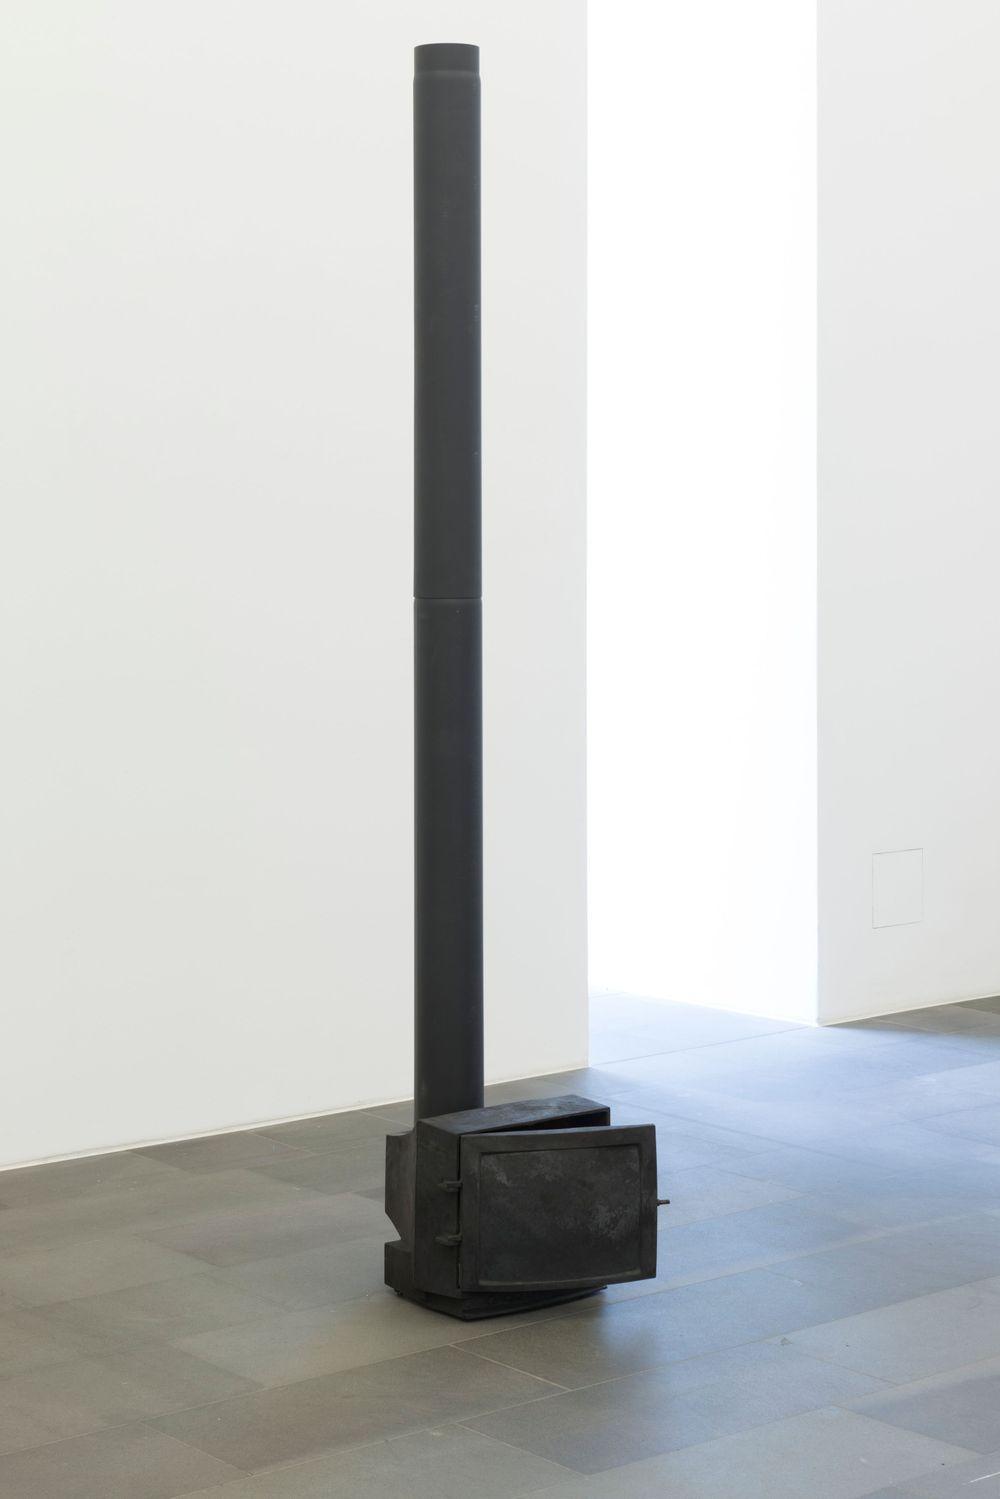 Artist:Michael SAILSTORFER, Exhibition:TEAR SHOW